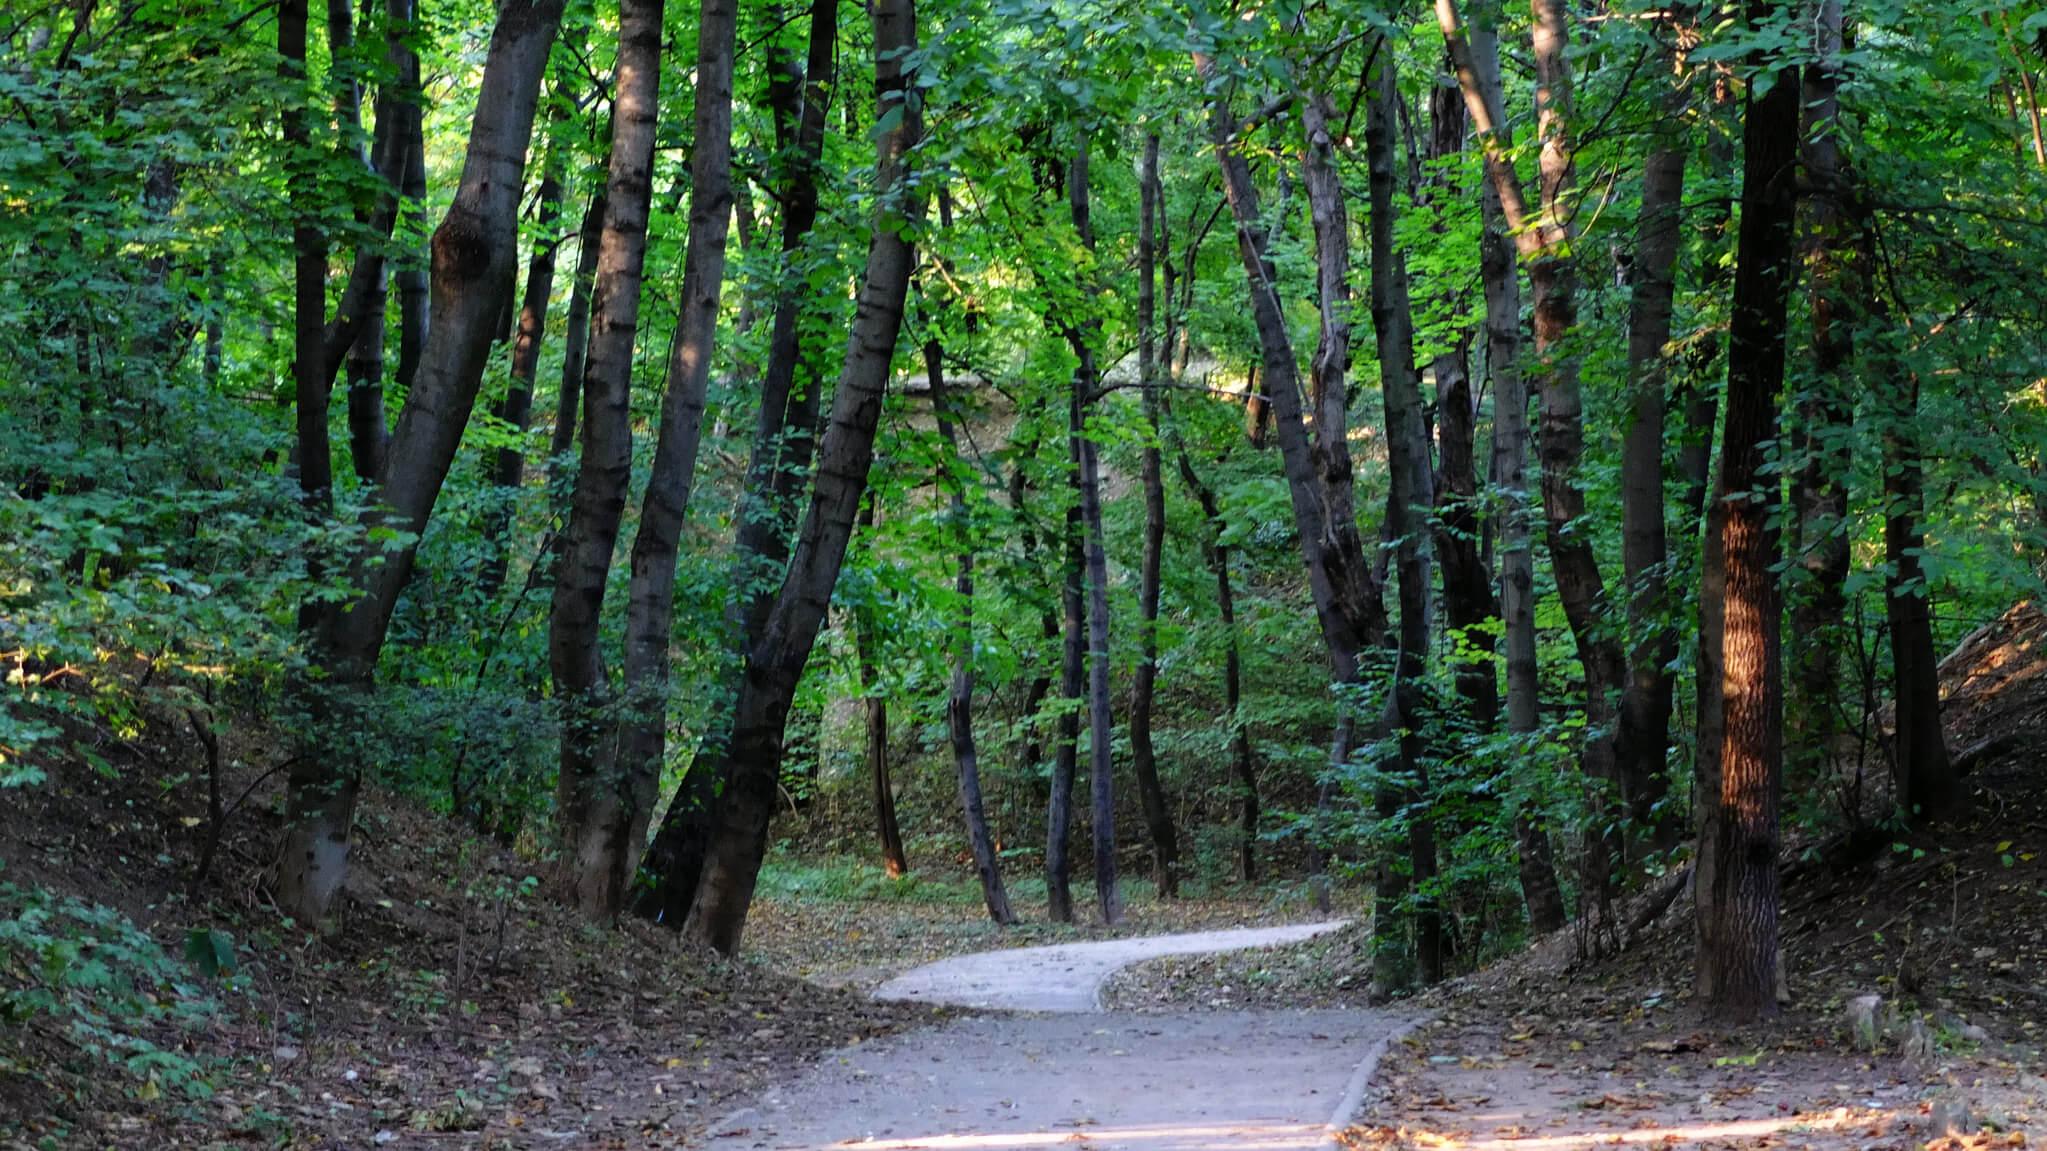 A természet és a kiváló infrastruktúra a II. és a III. kerület határán találkozik